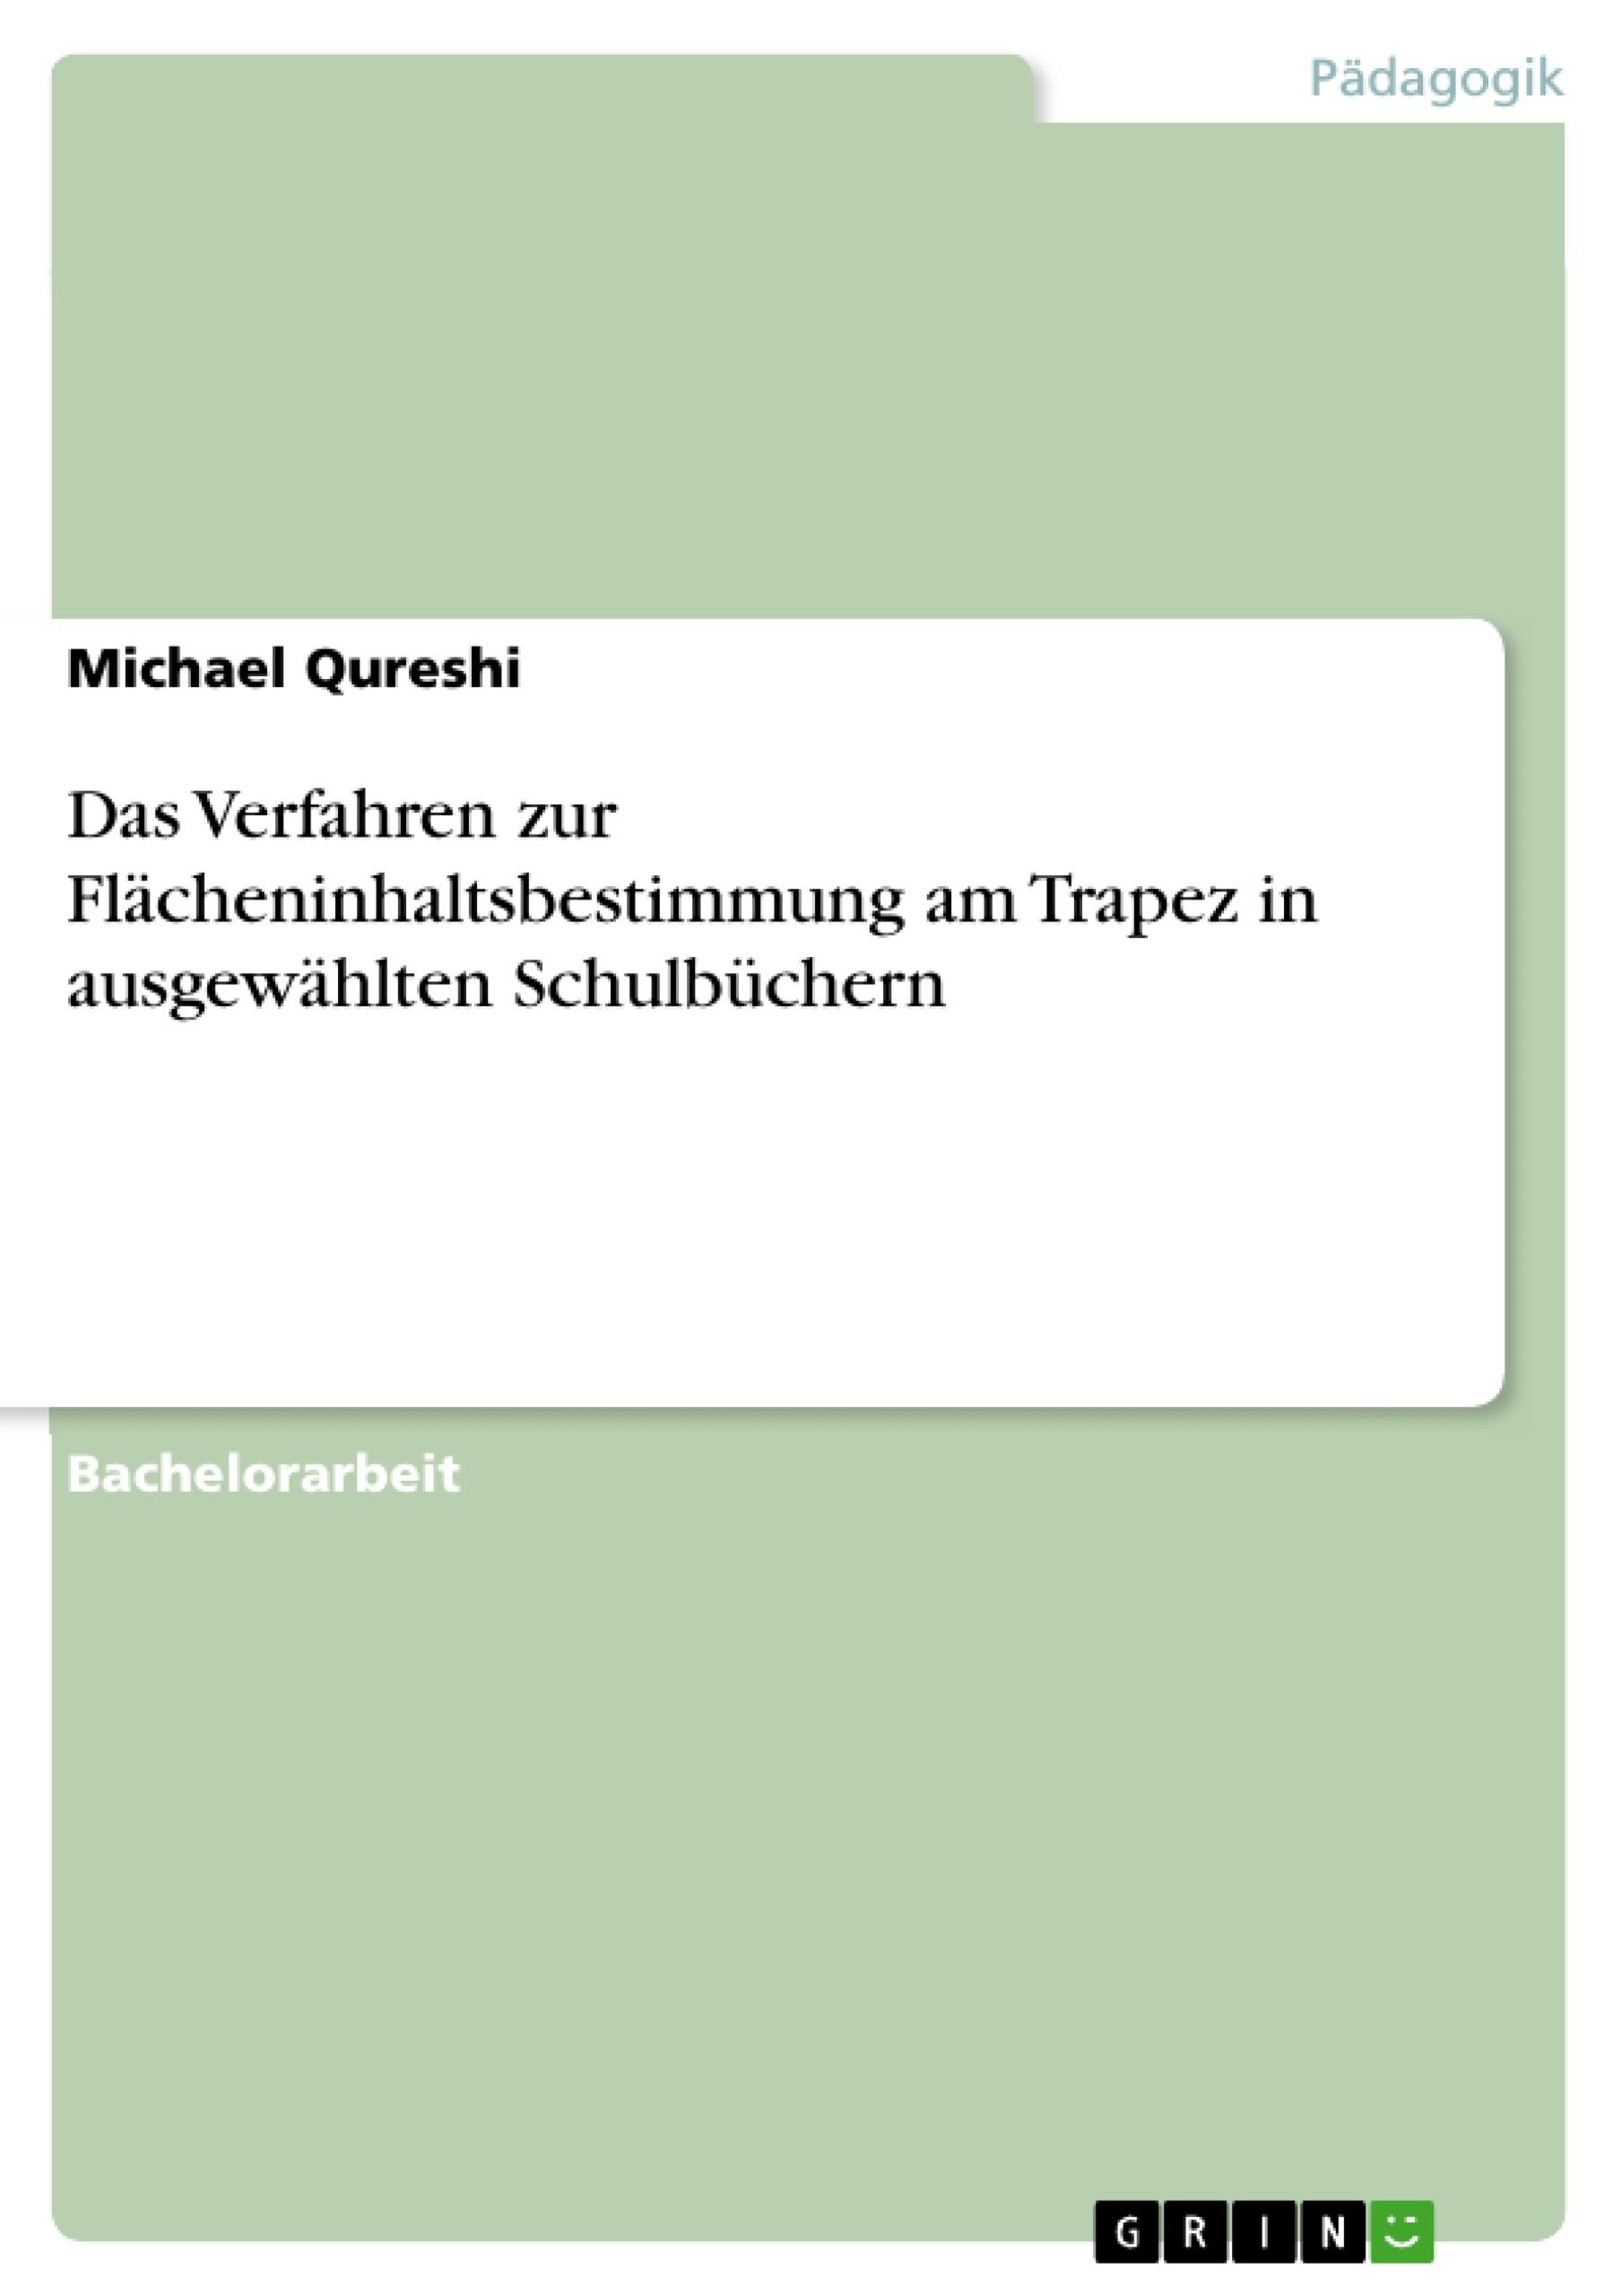 Titel: Das Verfahren zur Flächeninhaltsbestimmung am Trapez in ausgewählten Schulbüchern